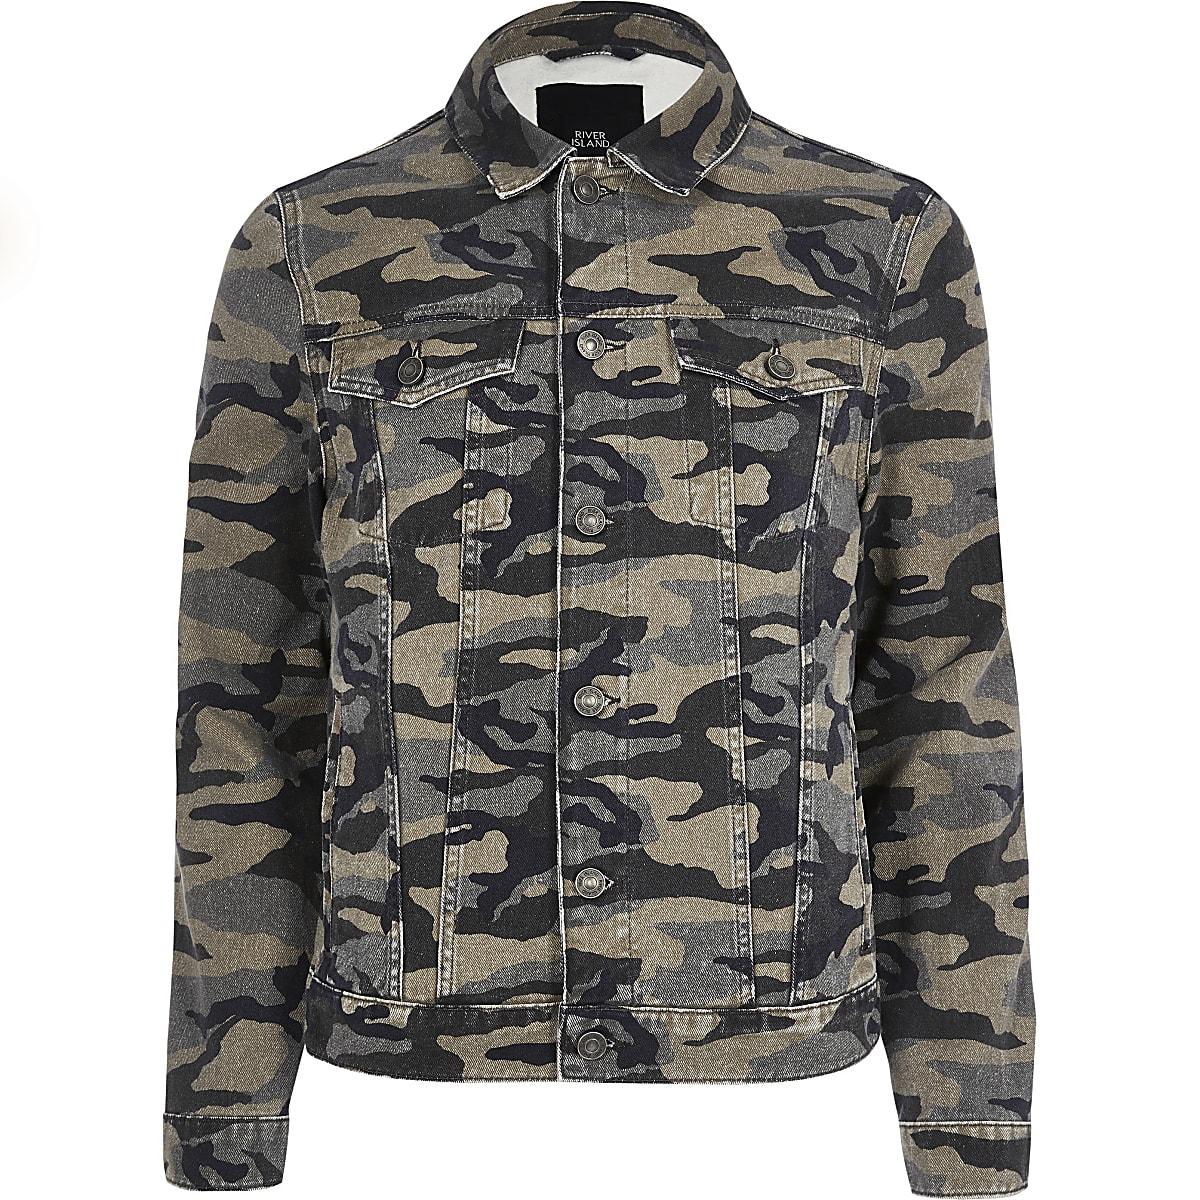 81465450ac0d9 Khaki camo denim jacket - Jackets - Coats & Jackets - men